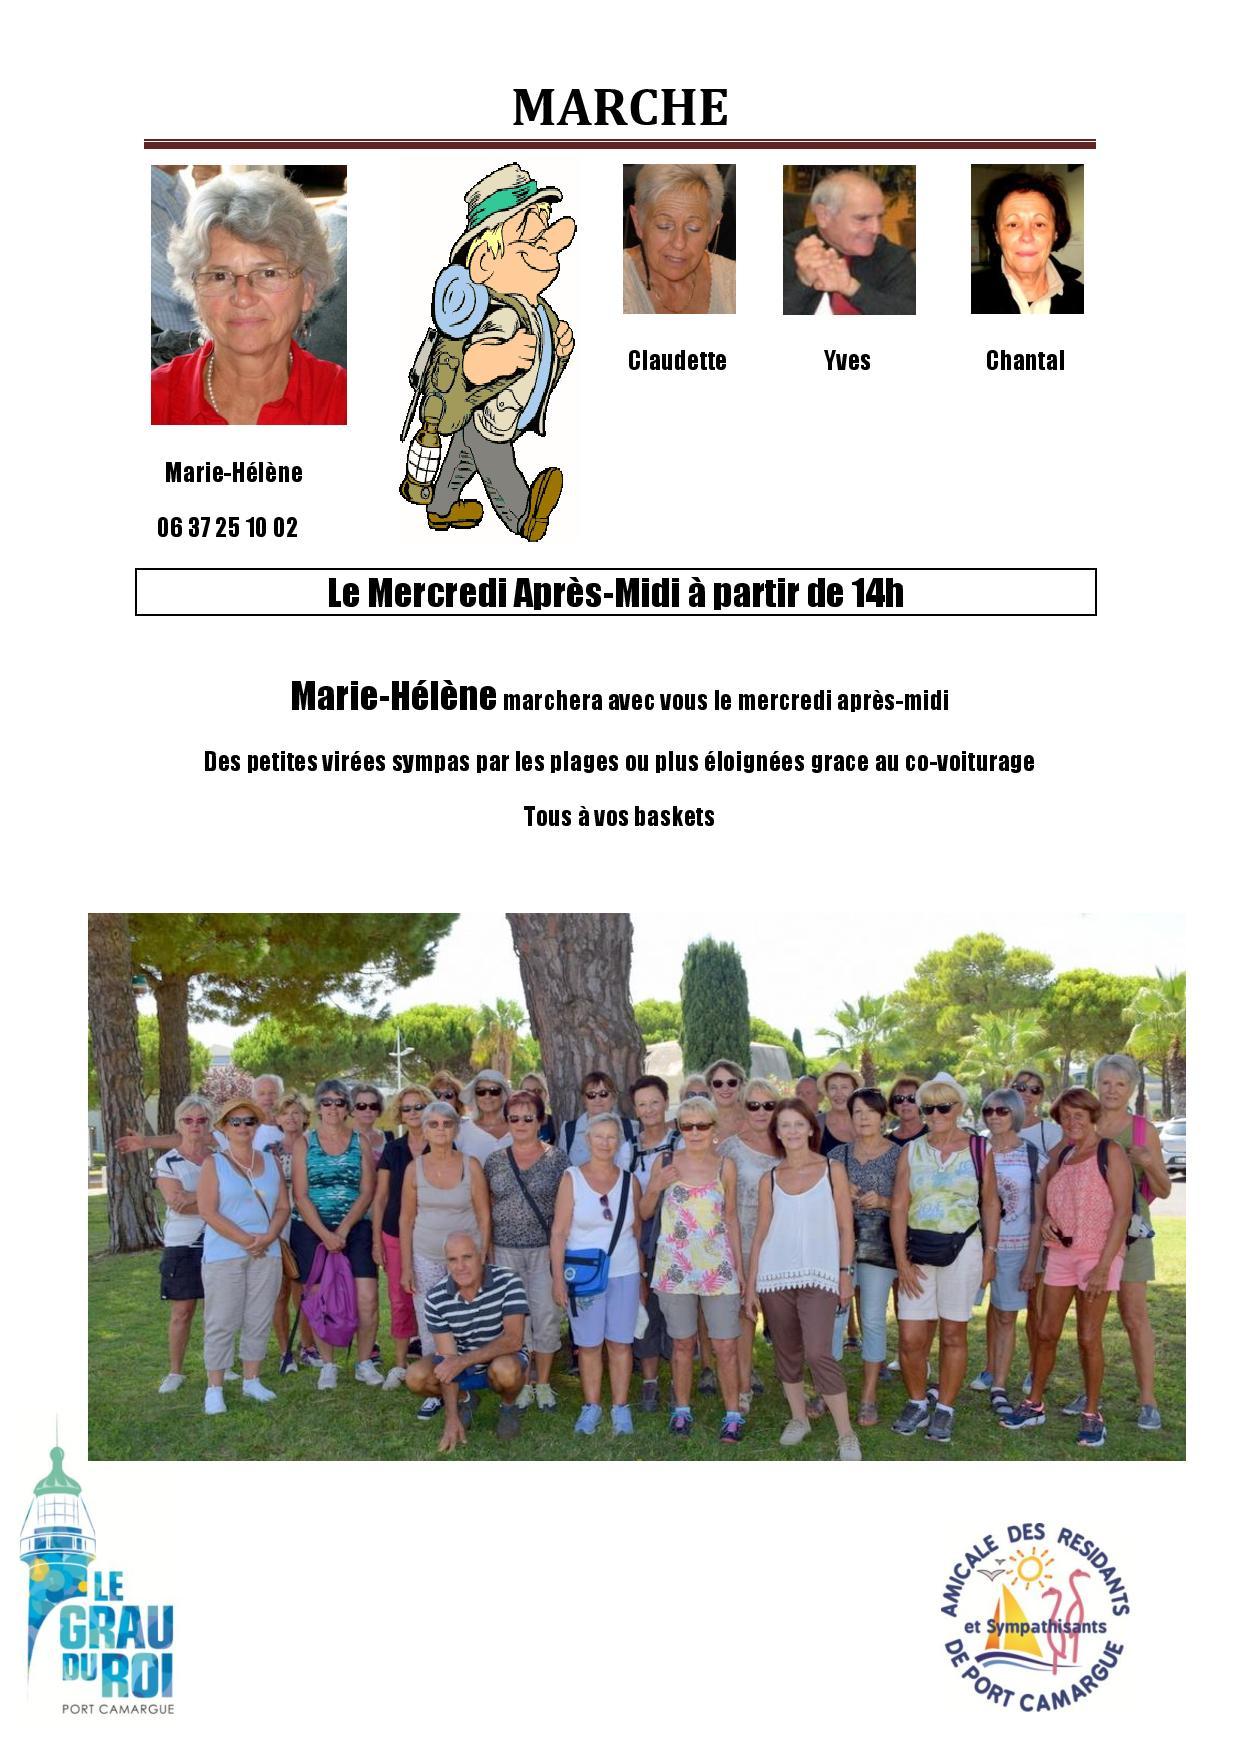 Marche-page-001